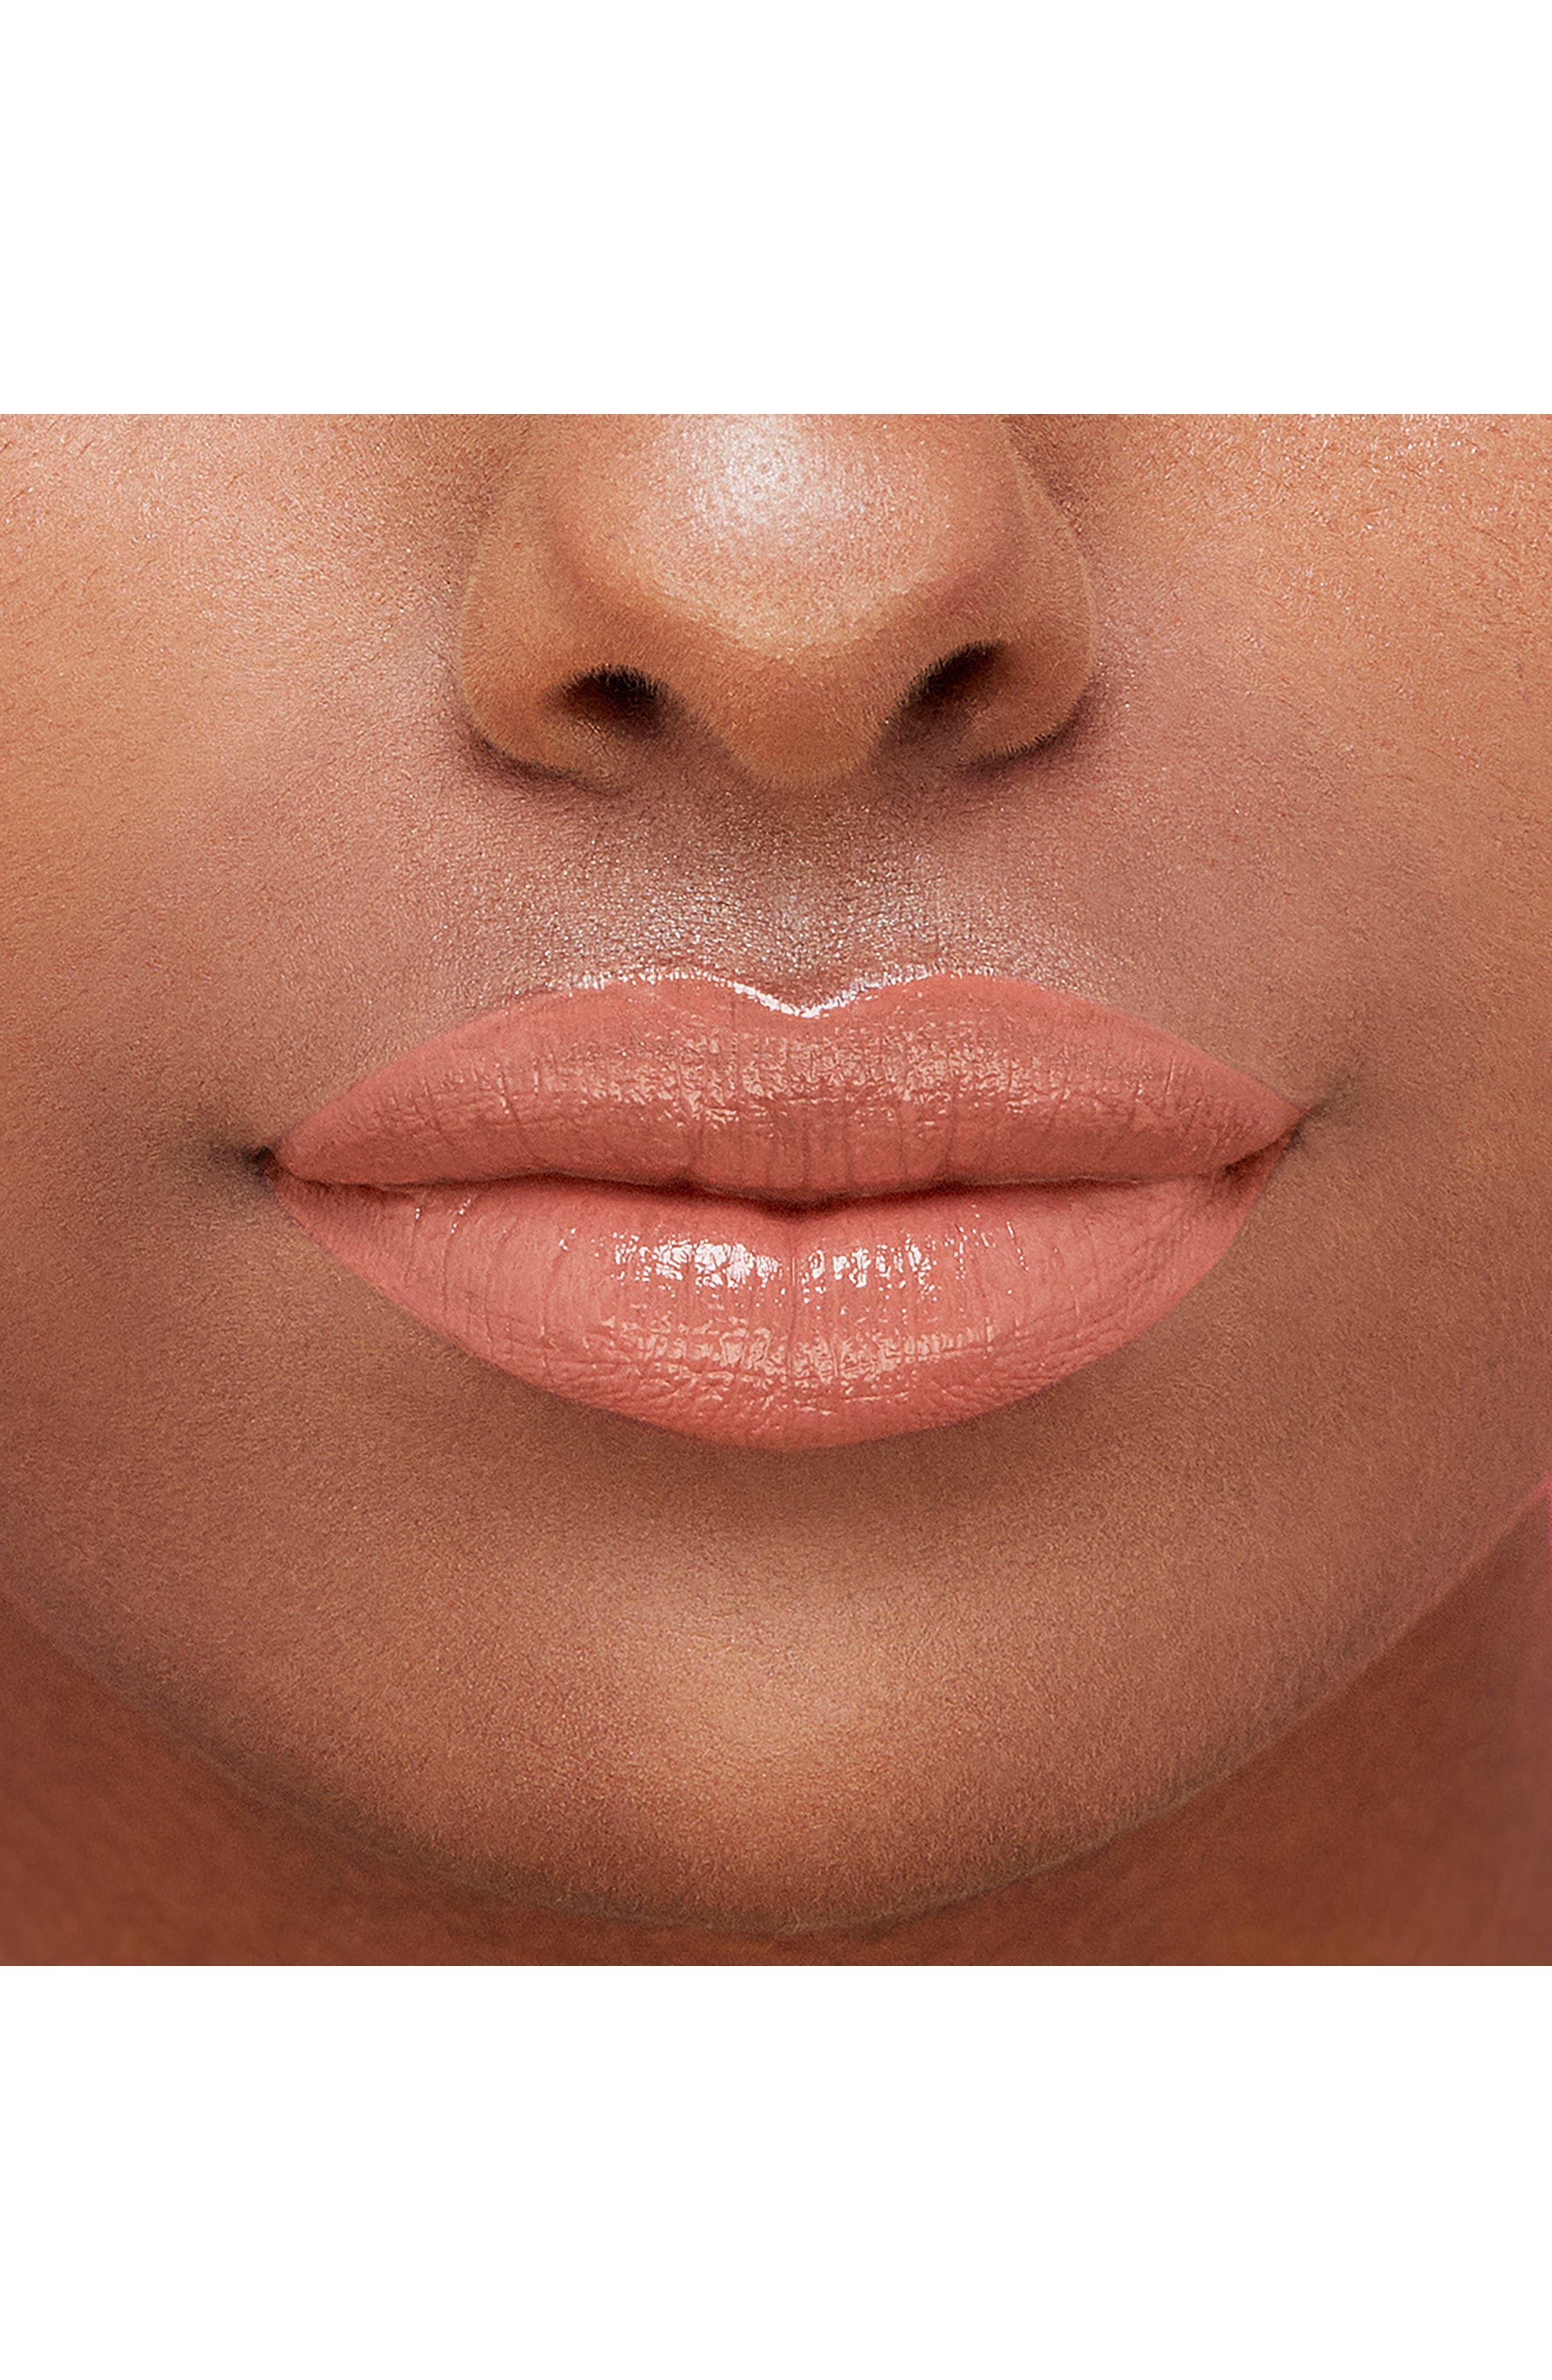 KARL LAGERFELD + MODELCO Kiss Me Karl Lip Lights Lip Gloss,                             Alternate thumbnail 5, color,                             200